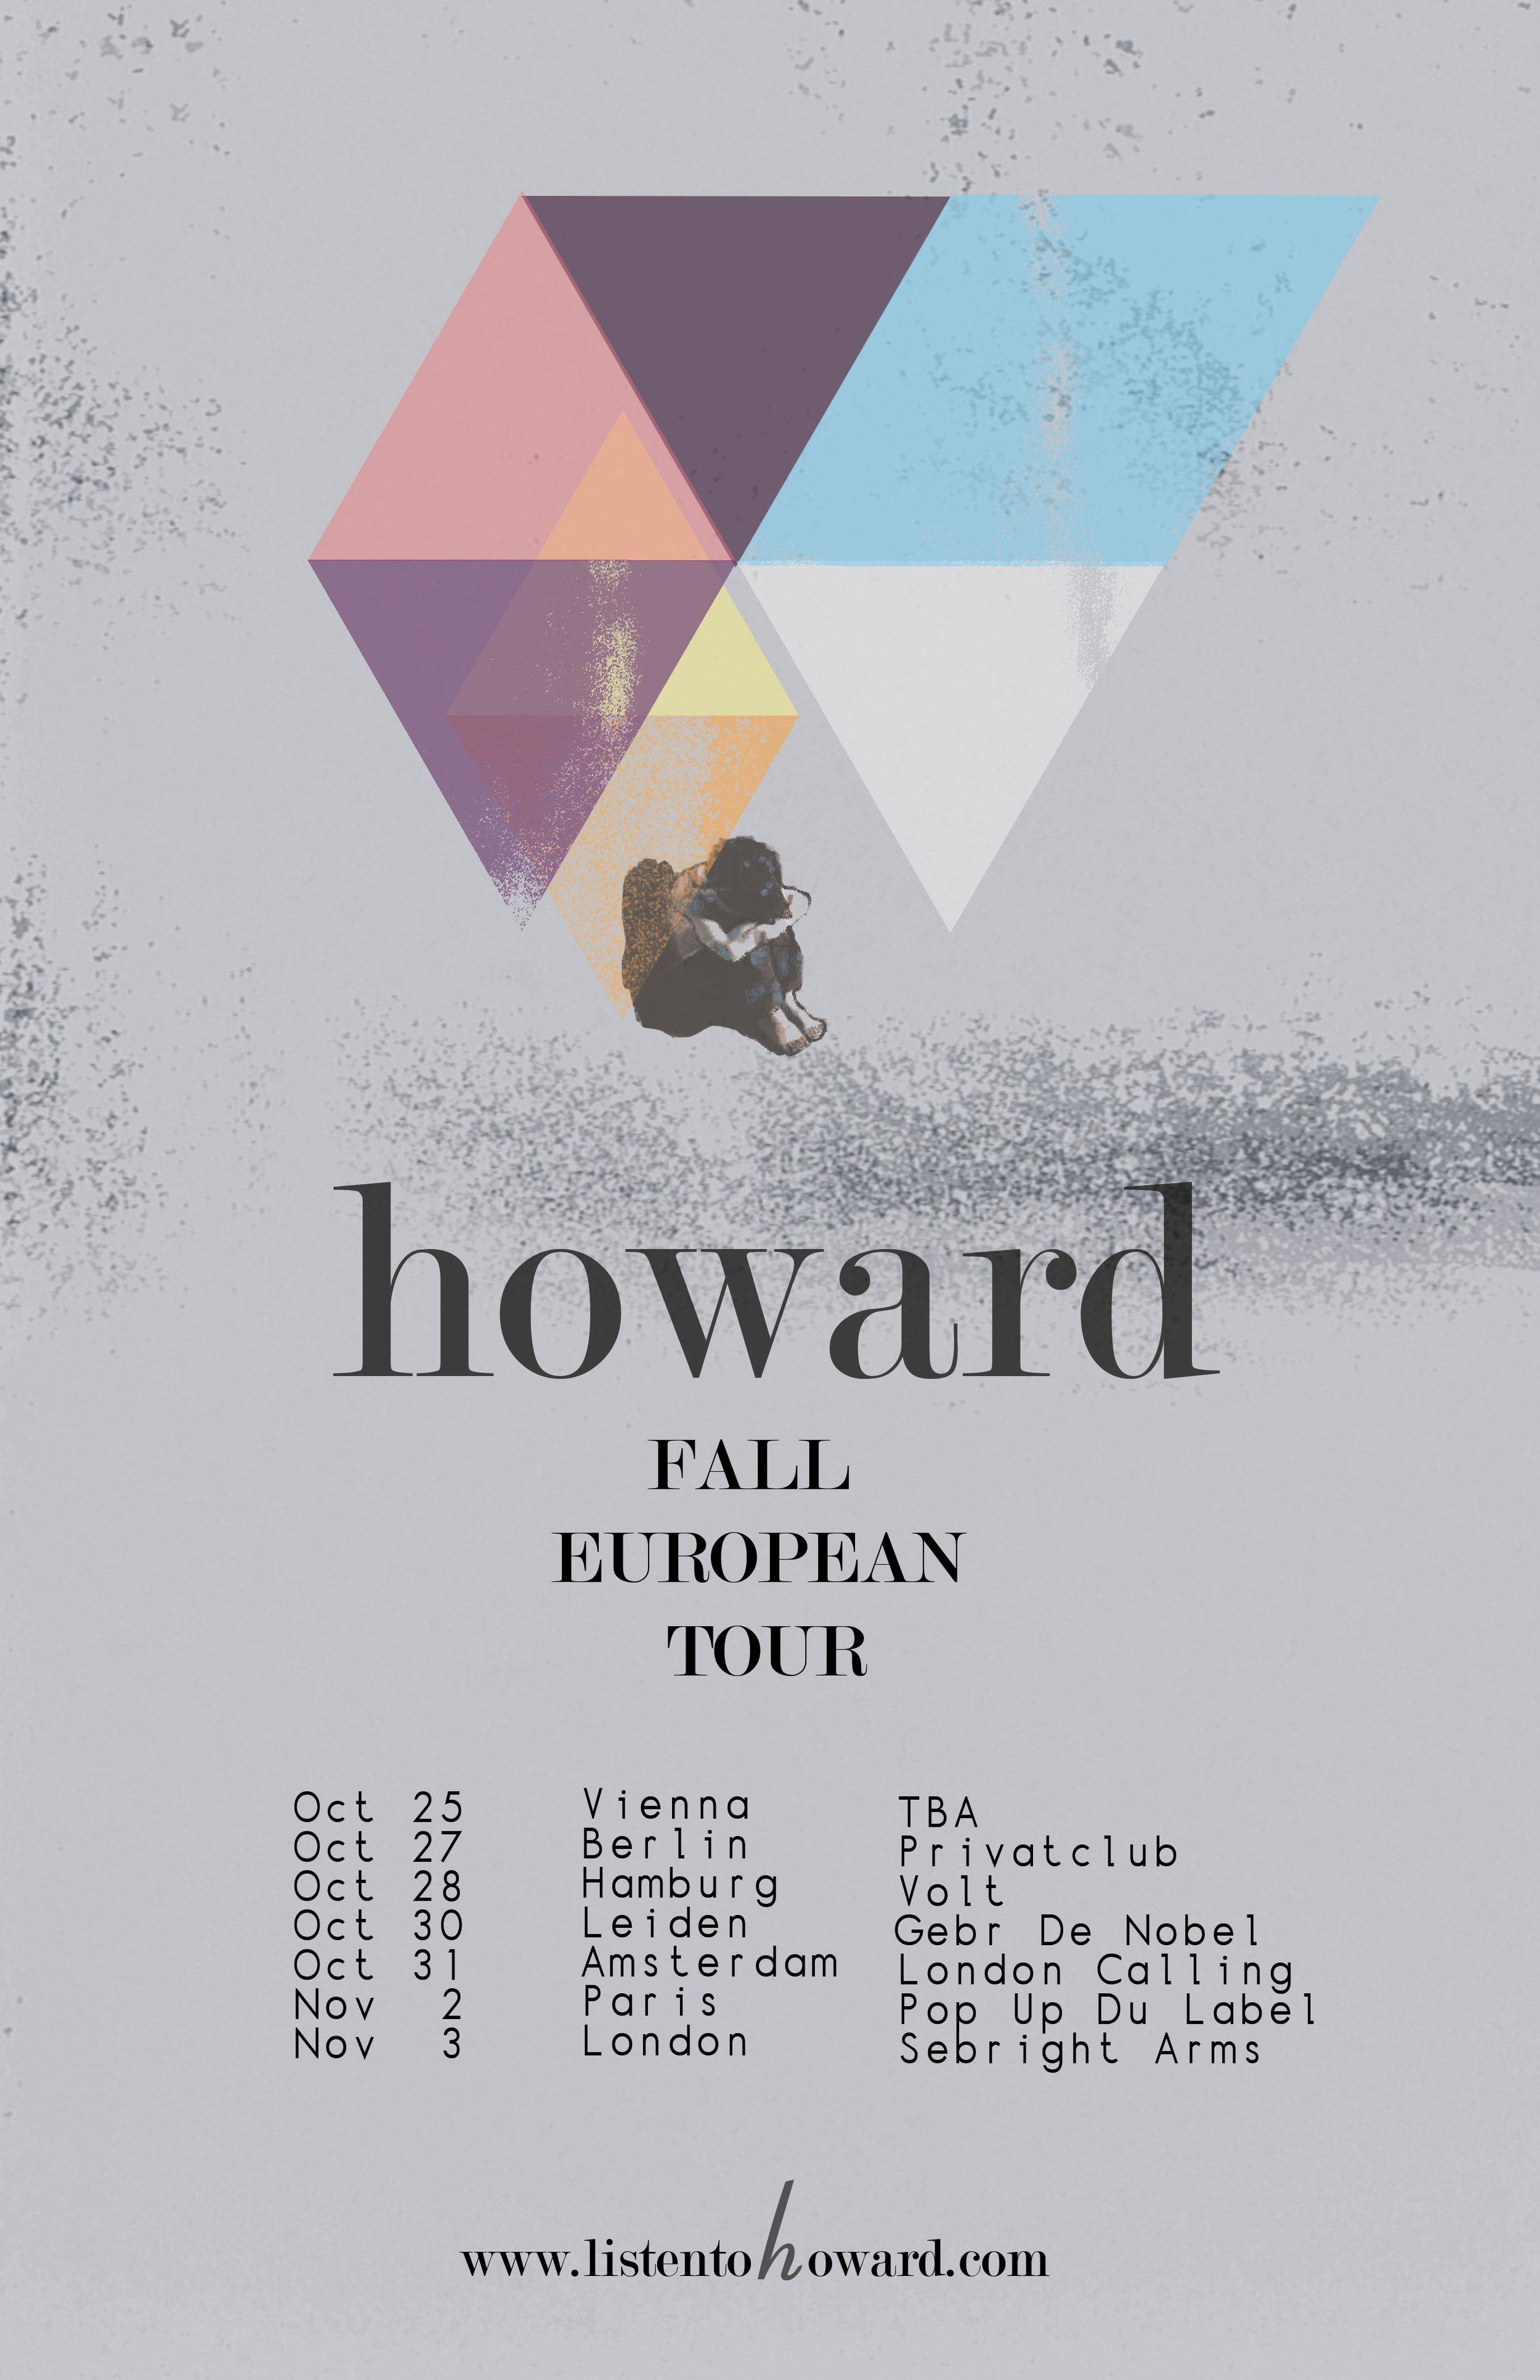 Howard-Europe-Admat-Fall-15-Final.jpg